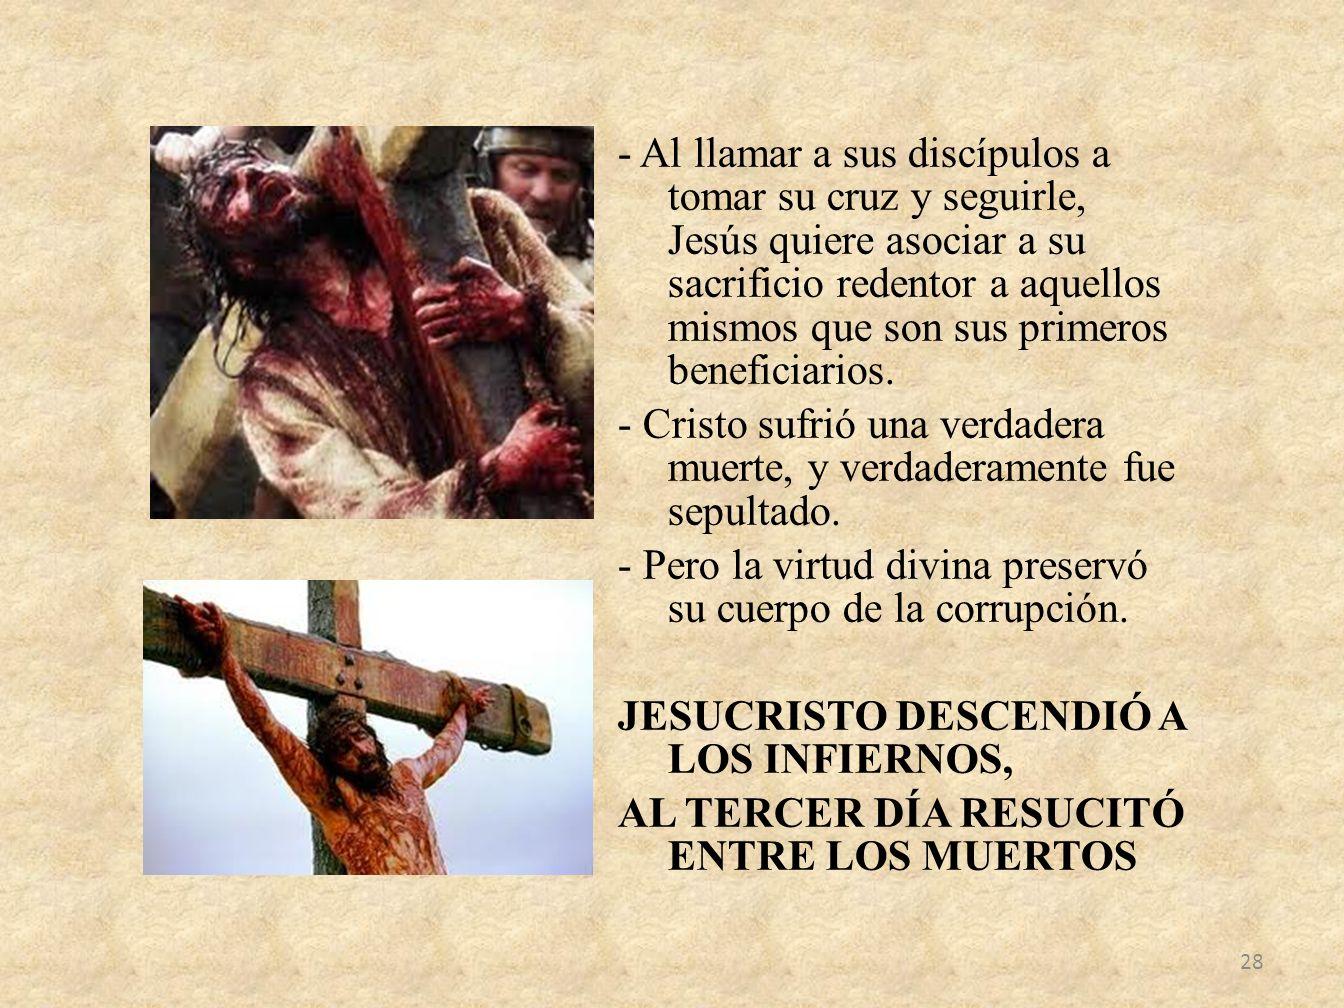 - Al llamar a sus discípulos a tomar su cruz y seguirle, Jesús quiere asociar a su sacrificio redentor a aquellos mismos que son sus primeros benefici